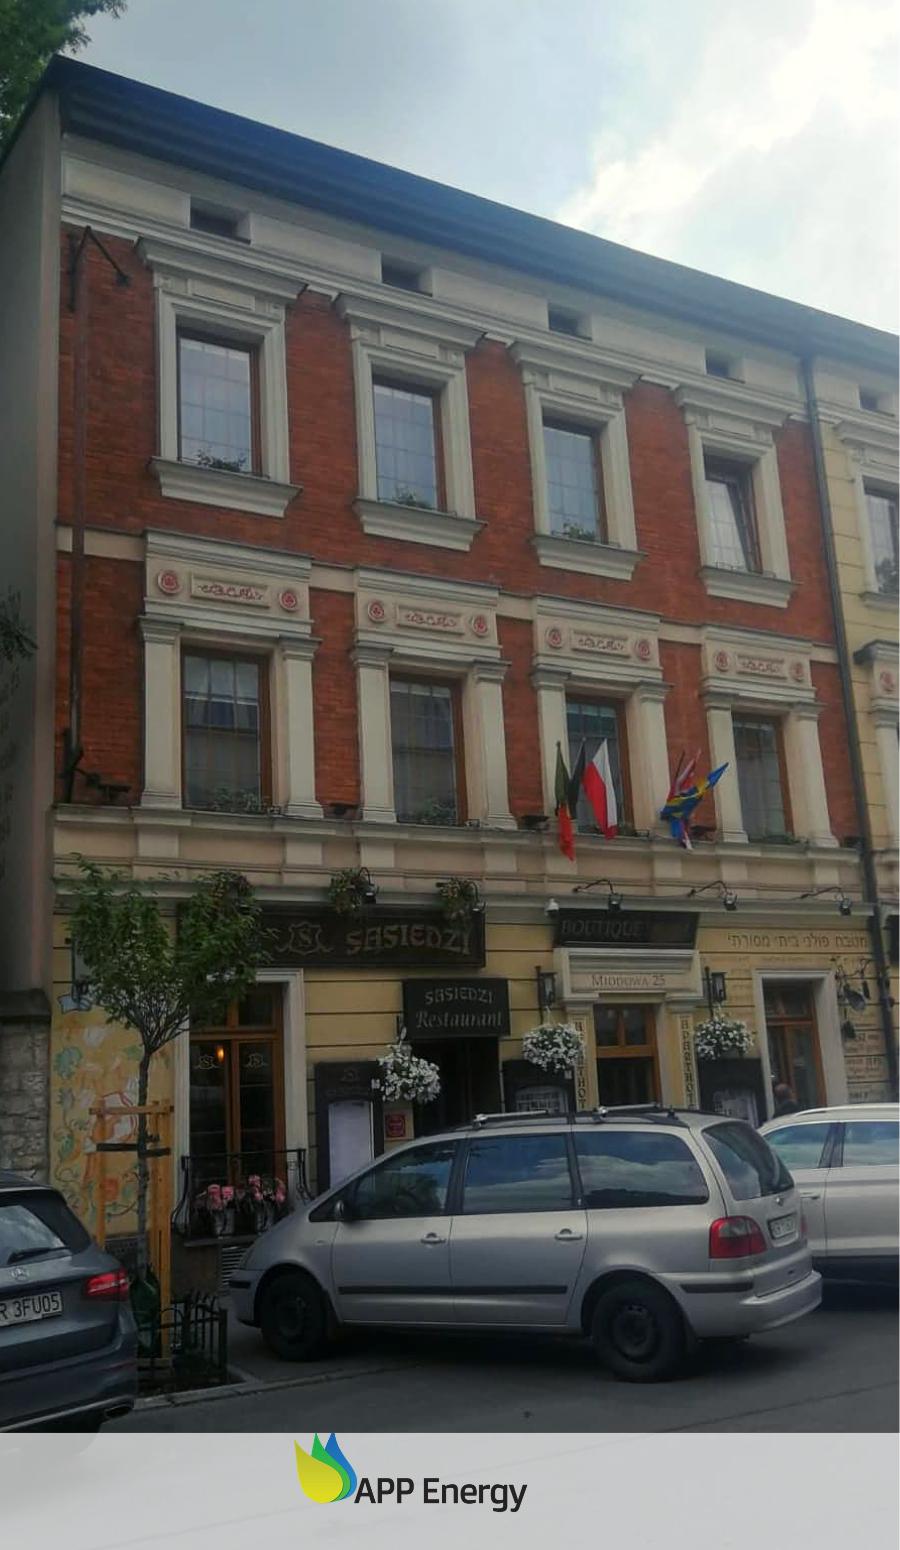 hotel i restauracja na krakowskim Kazimierzu, które skorzystały z montażu instalacji fotowoltaicznej przez APPenergy